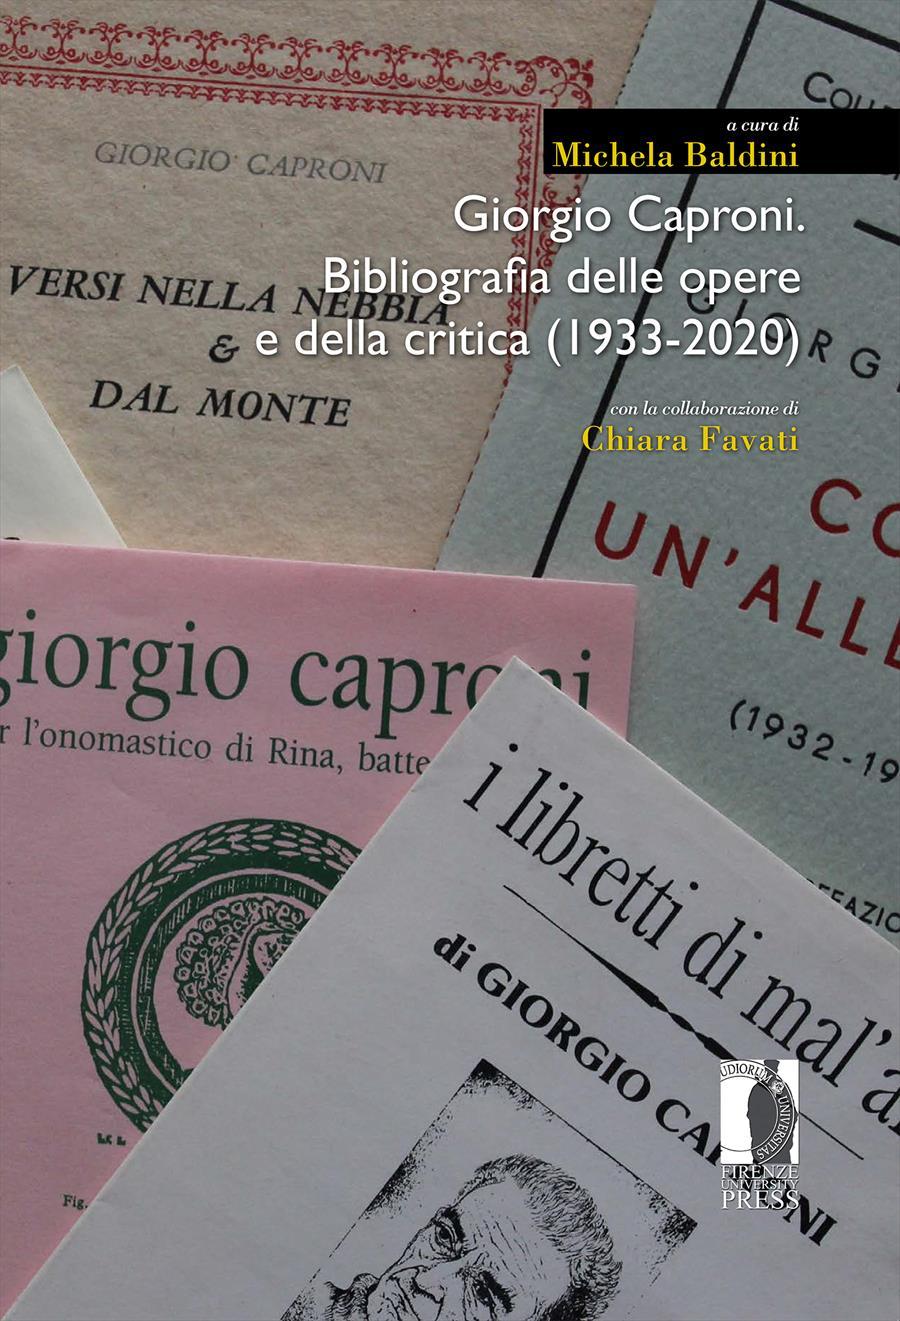 Giorgio Caproni.  Bibliografia delle opere e della critica (1933-2020)